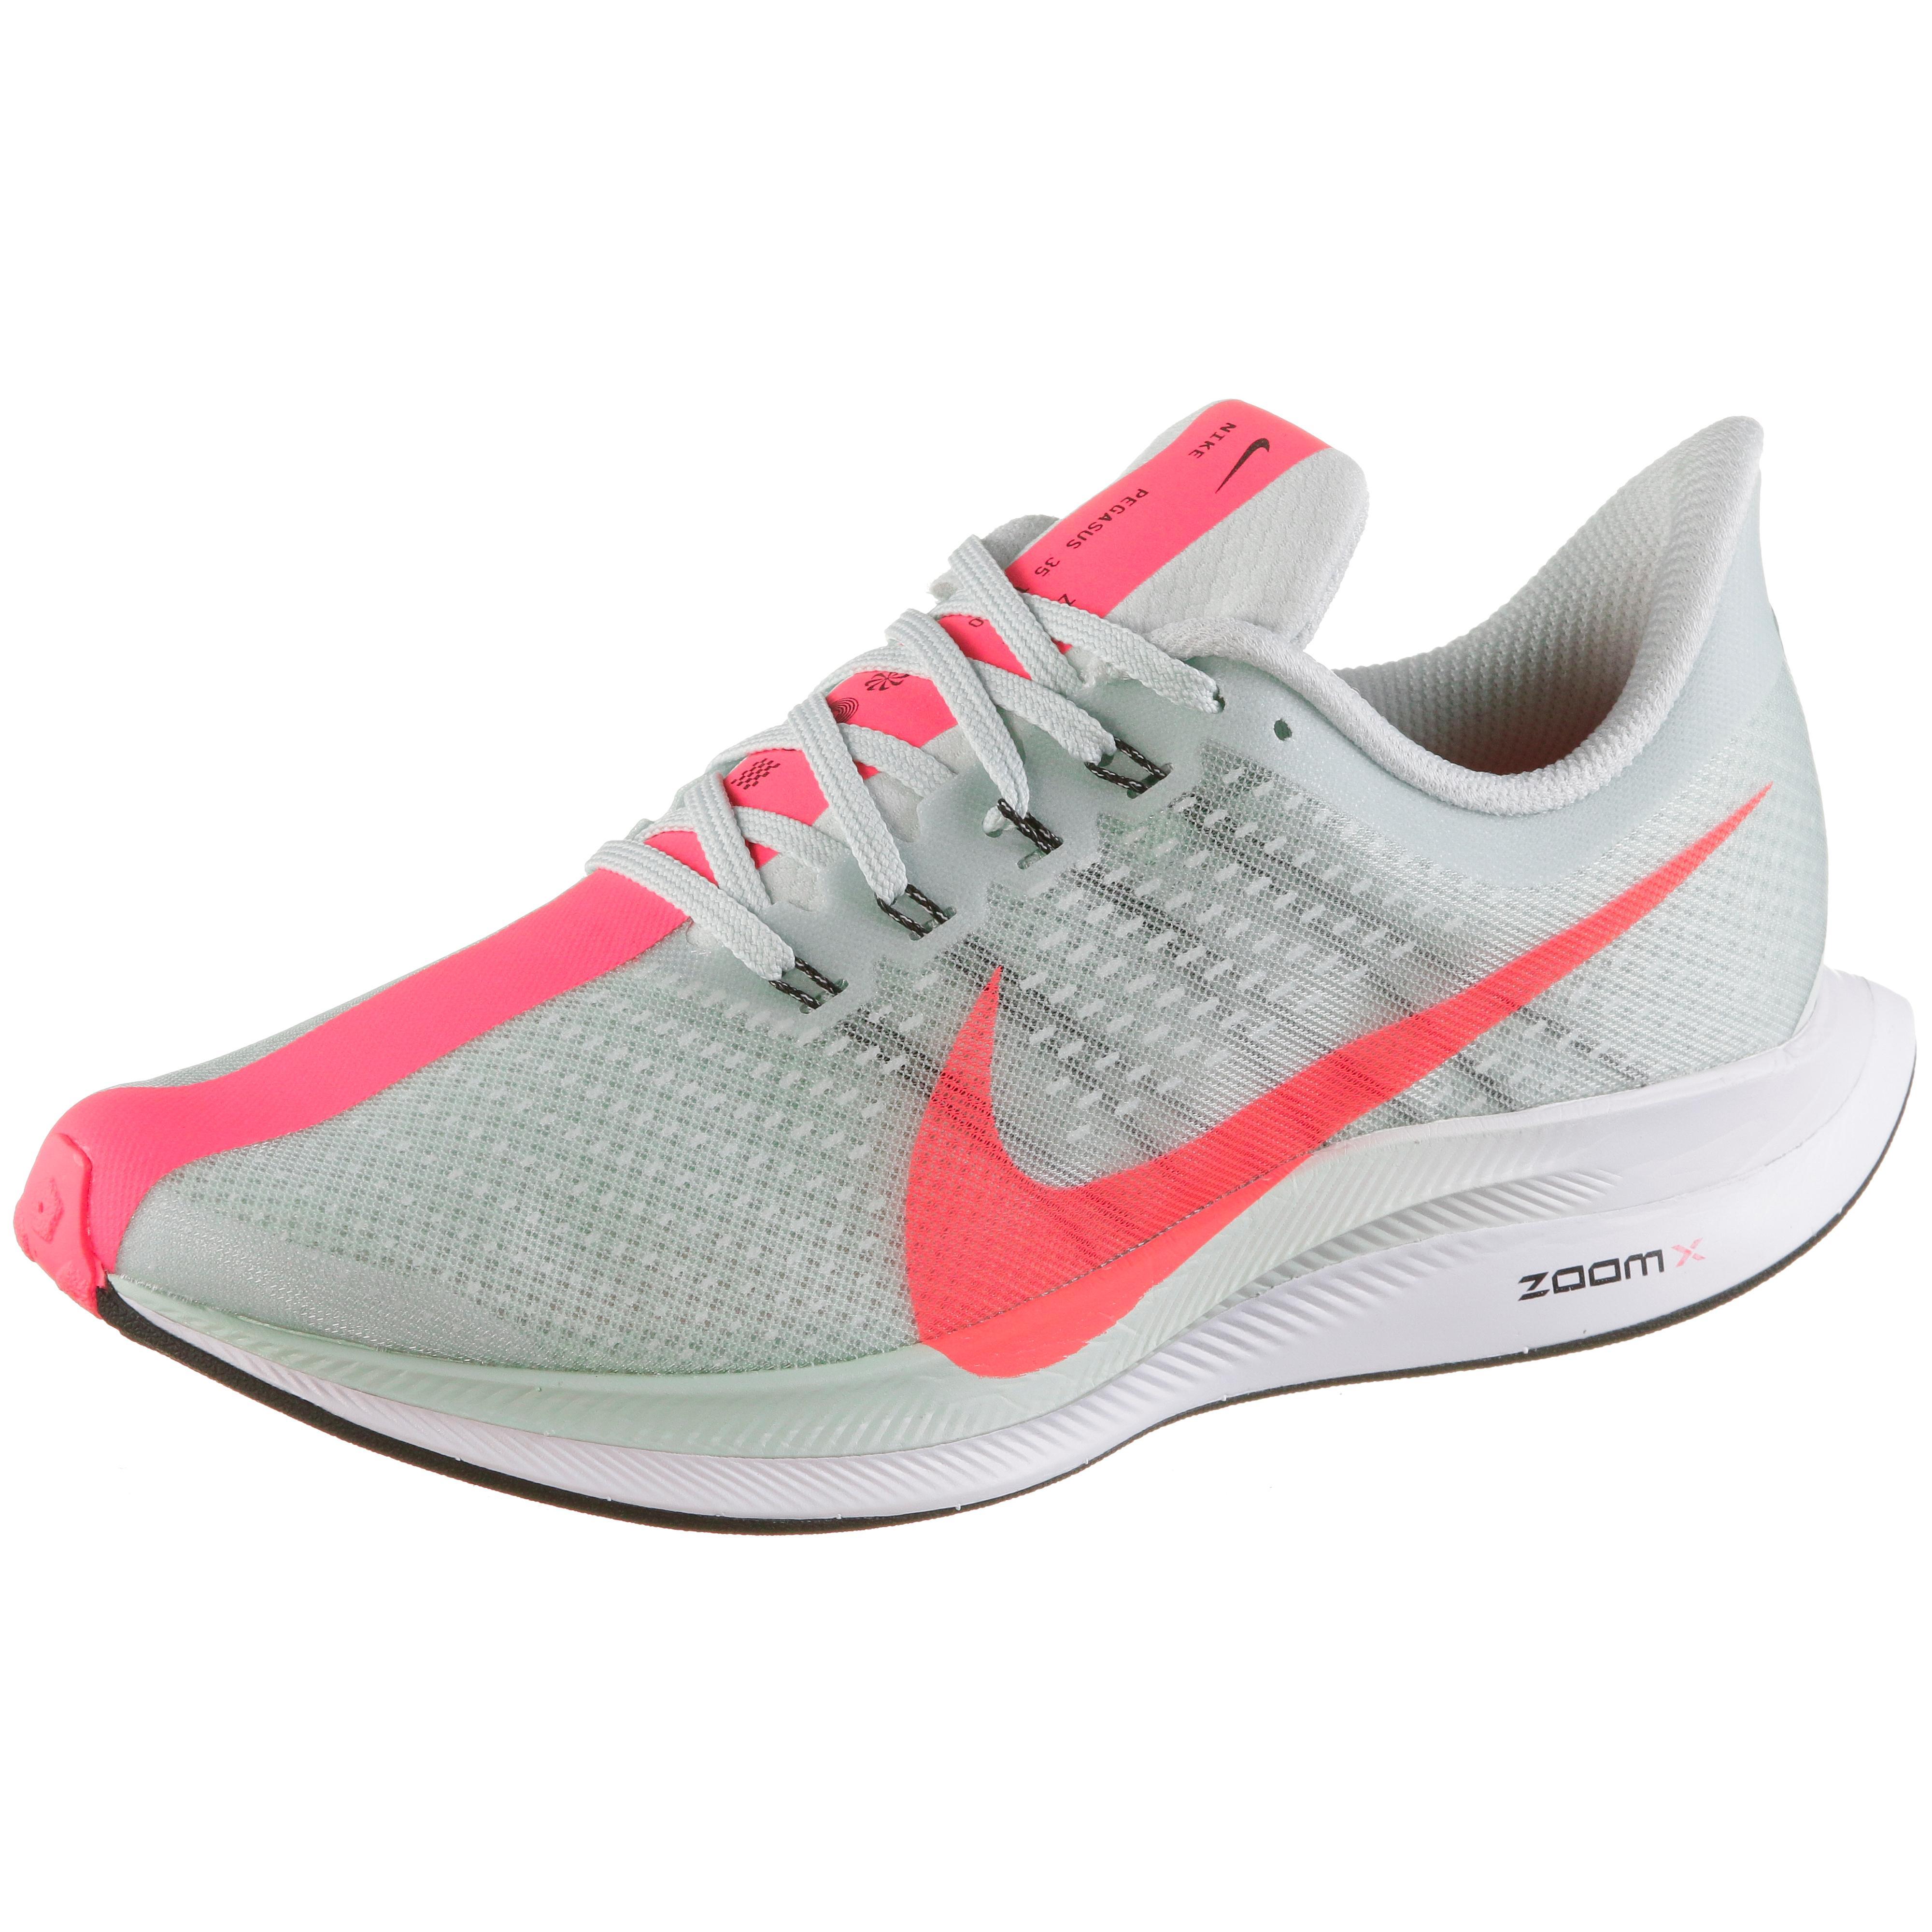 Nike ZOOM PEGASUS 35 TURBO Laufschuhe Damen barley grey-hot  punch-black-white im Online Shop von SportScheck kaufen